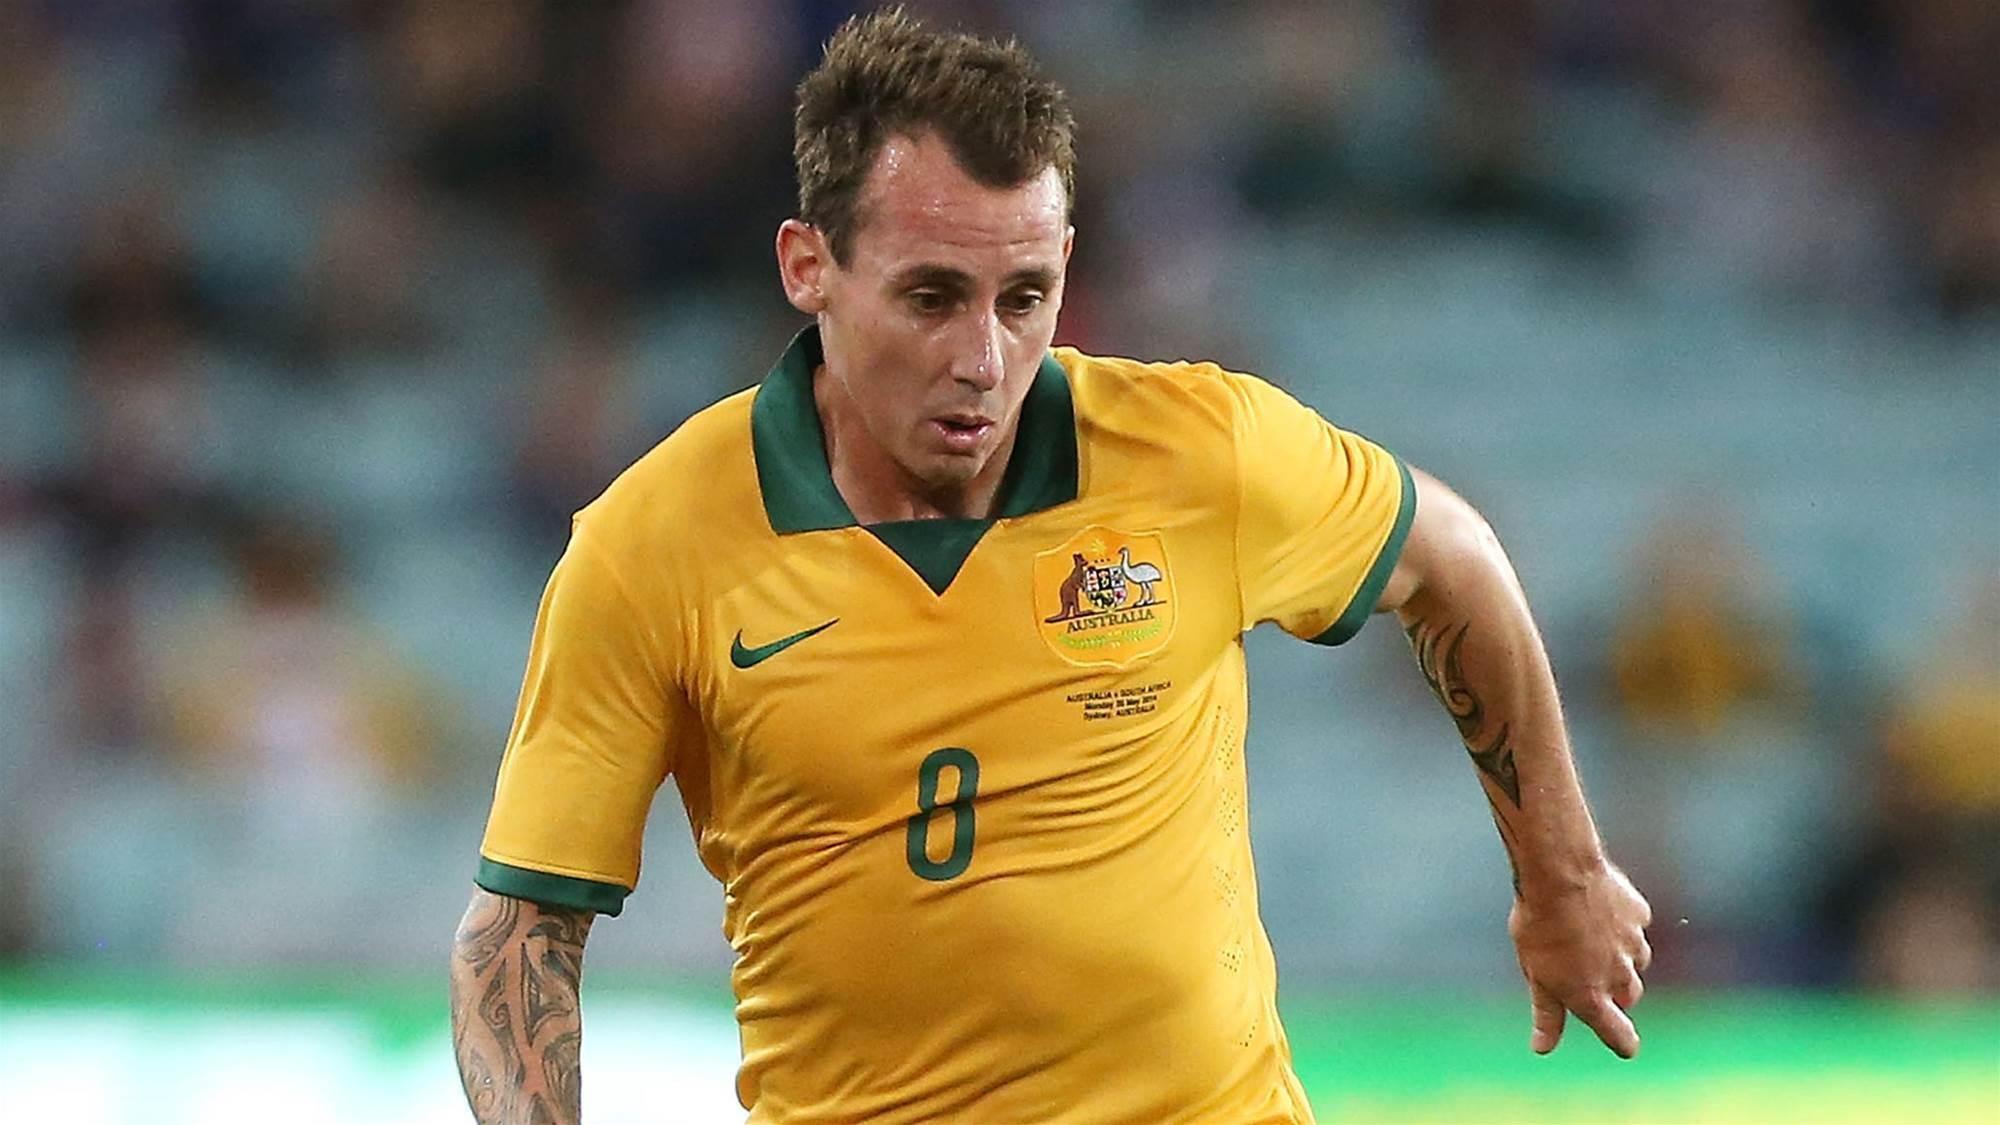 Luke Wilkshire joins Sydney FC